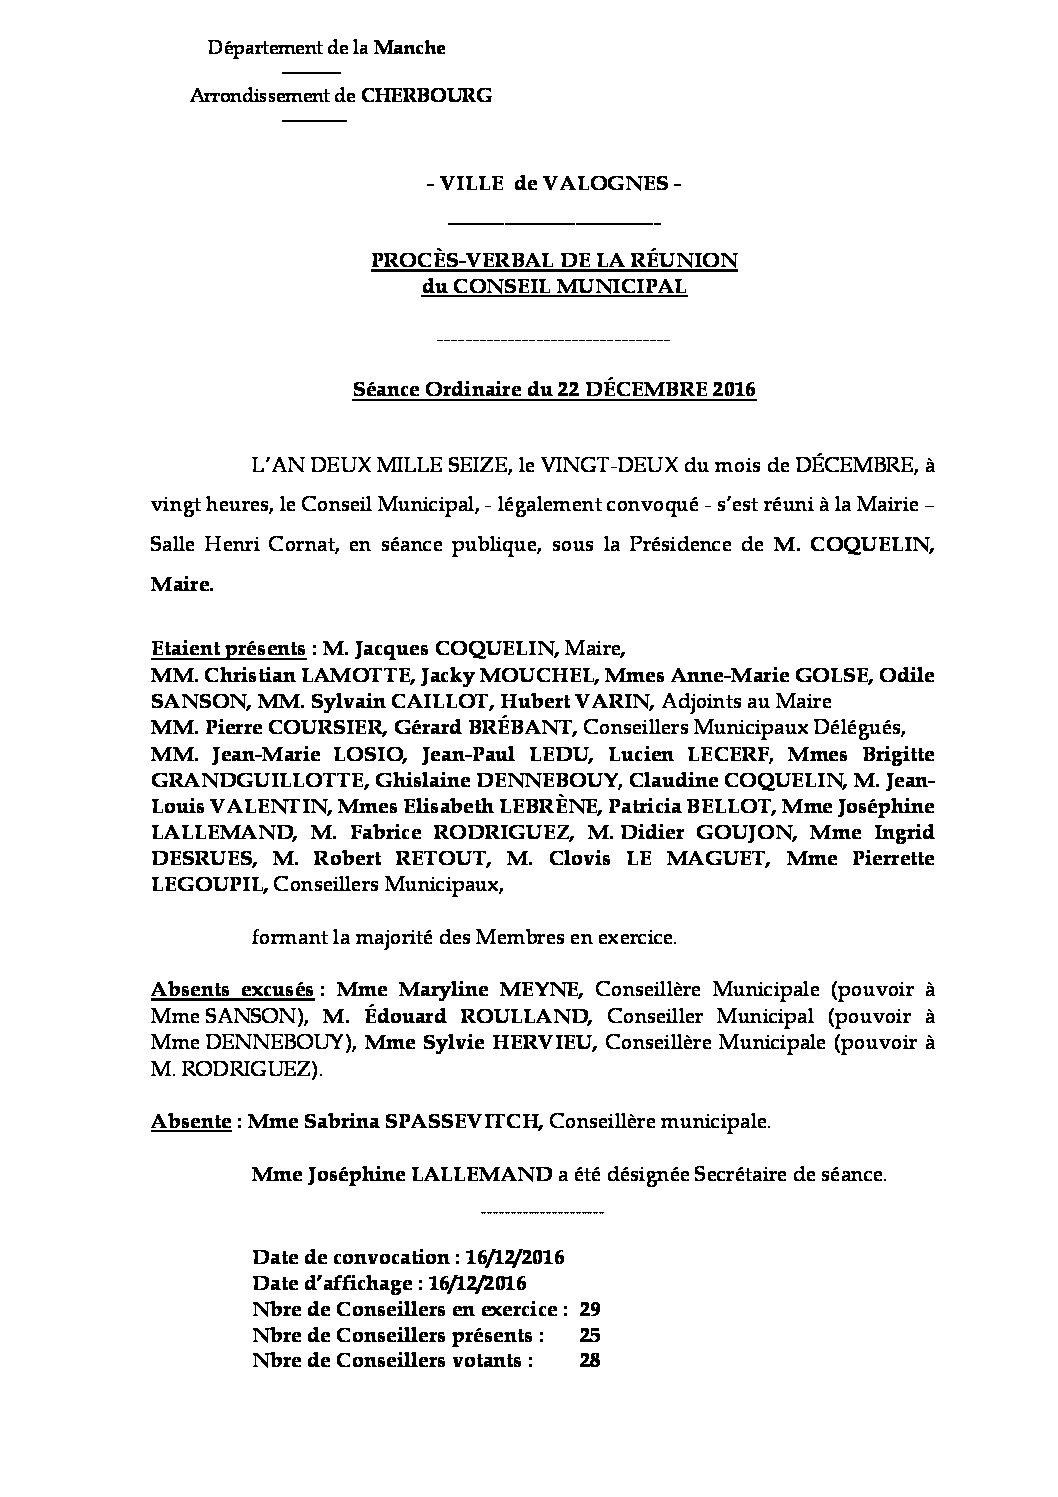 Procès-verbal du 22-12-2016 - Procès-verbal de la réunion du Conseil Municipal du 22 décembre 2016, approuvé lors de la séance du 13 mars 2017.